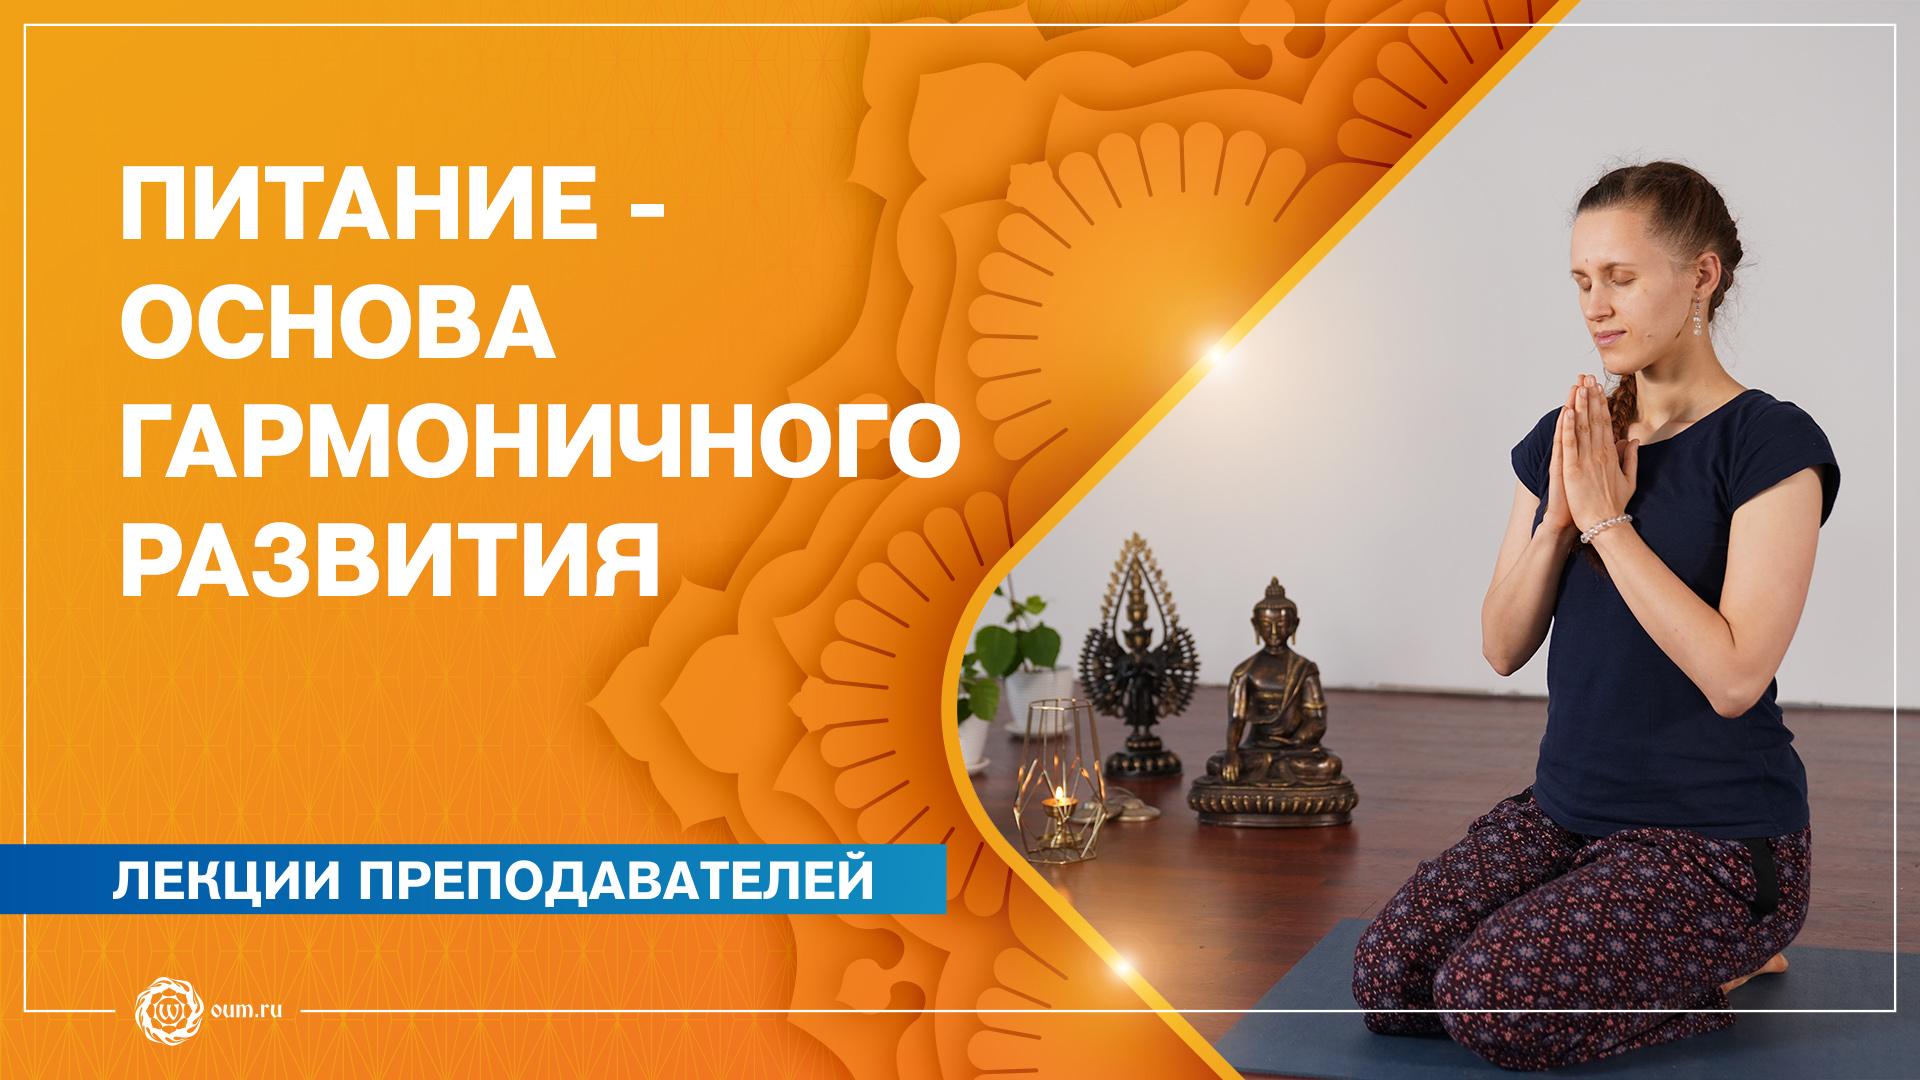 Питание - основа гармоничного развития. Екатерина Кокшарова